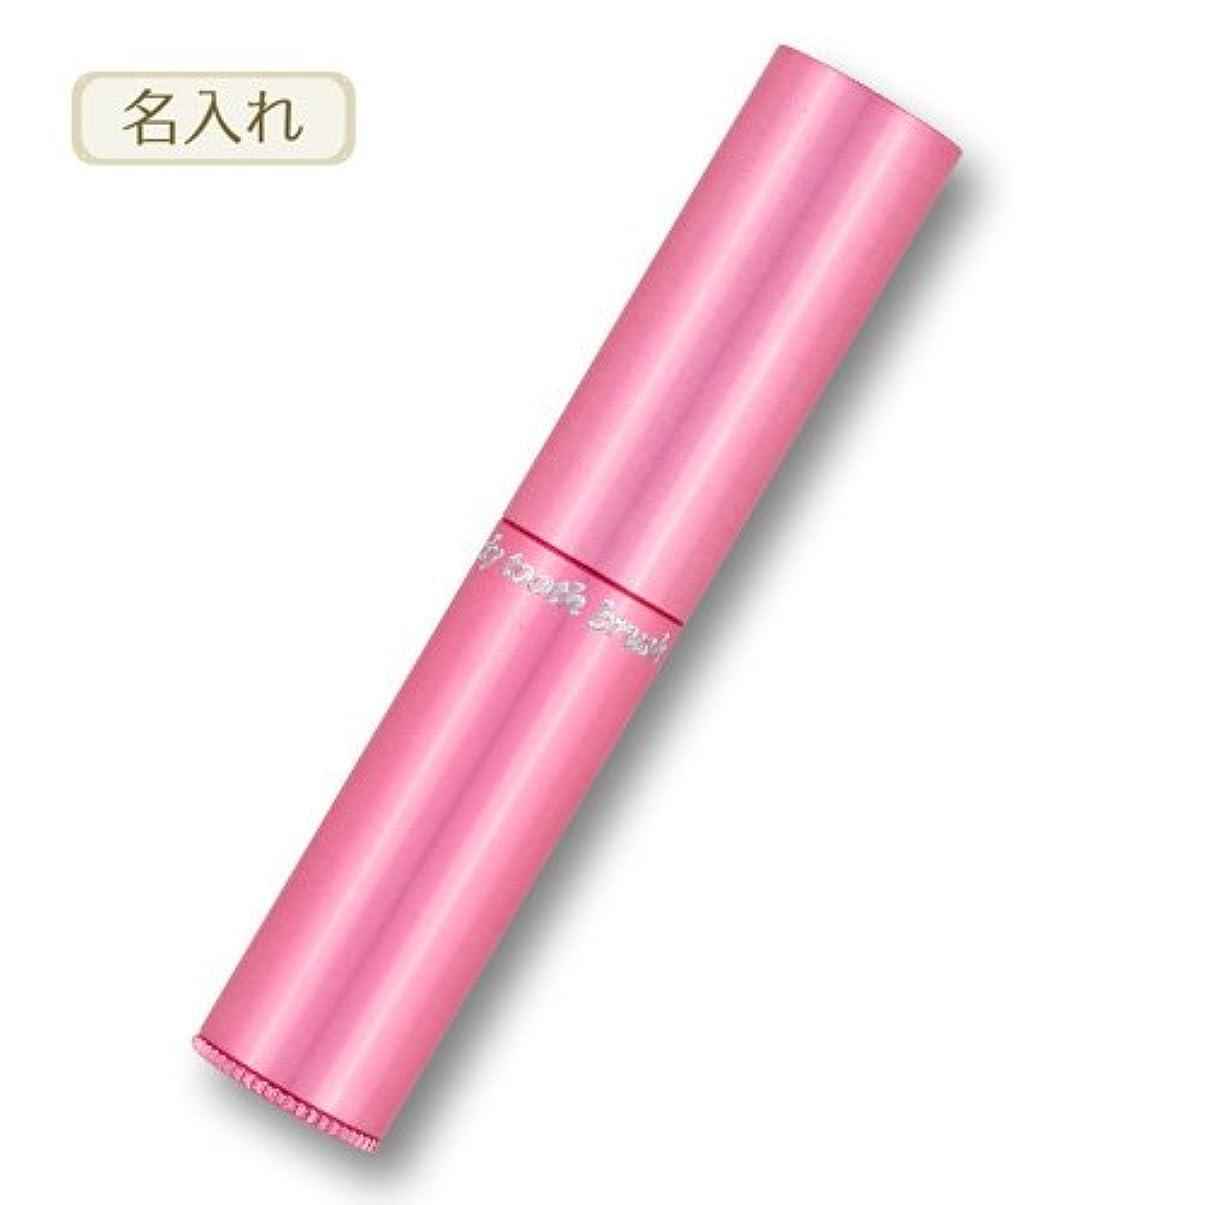 バングラデシュダンプいっぱい携帯歯ブラシ?タベタラmigaCO(ピンク?ネーム入り)